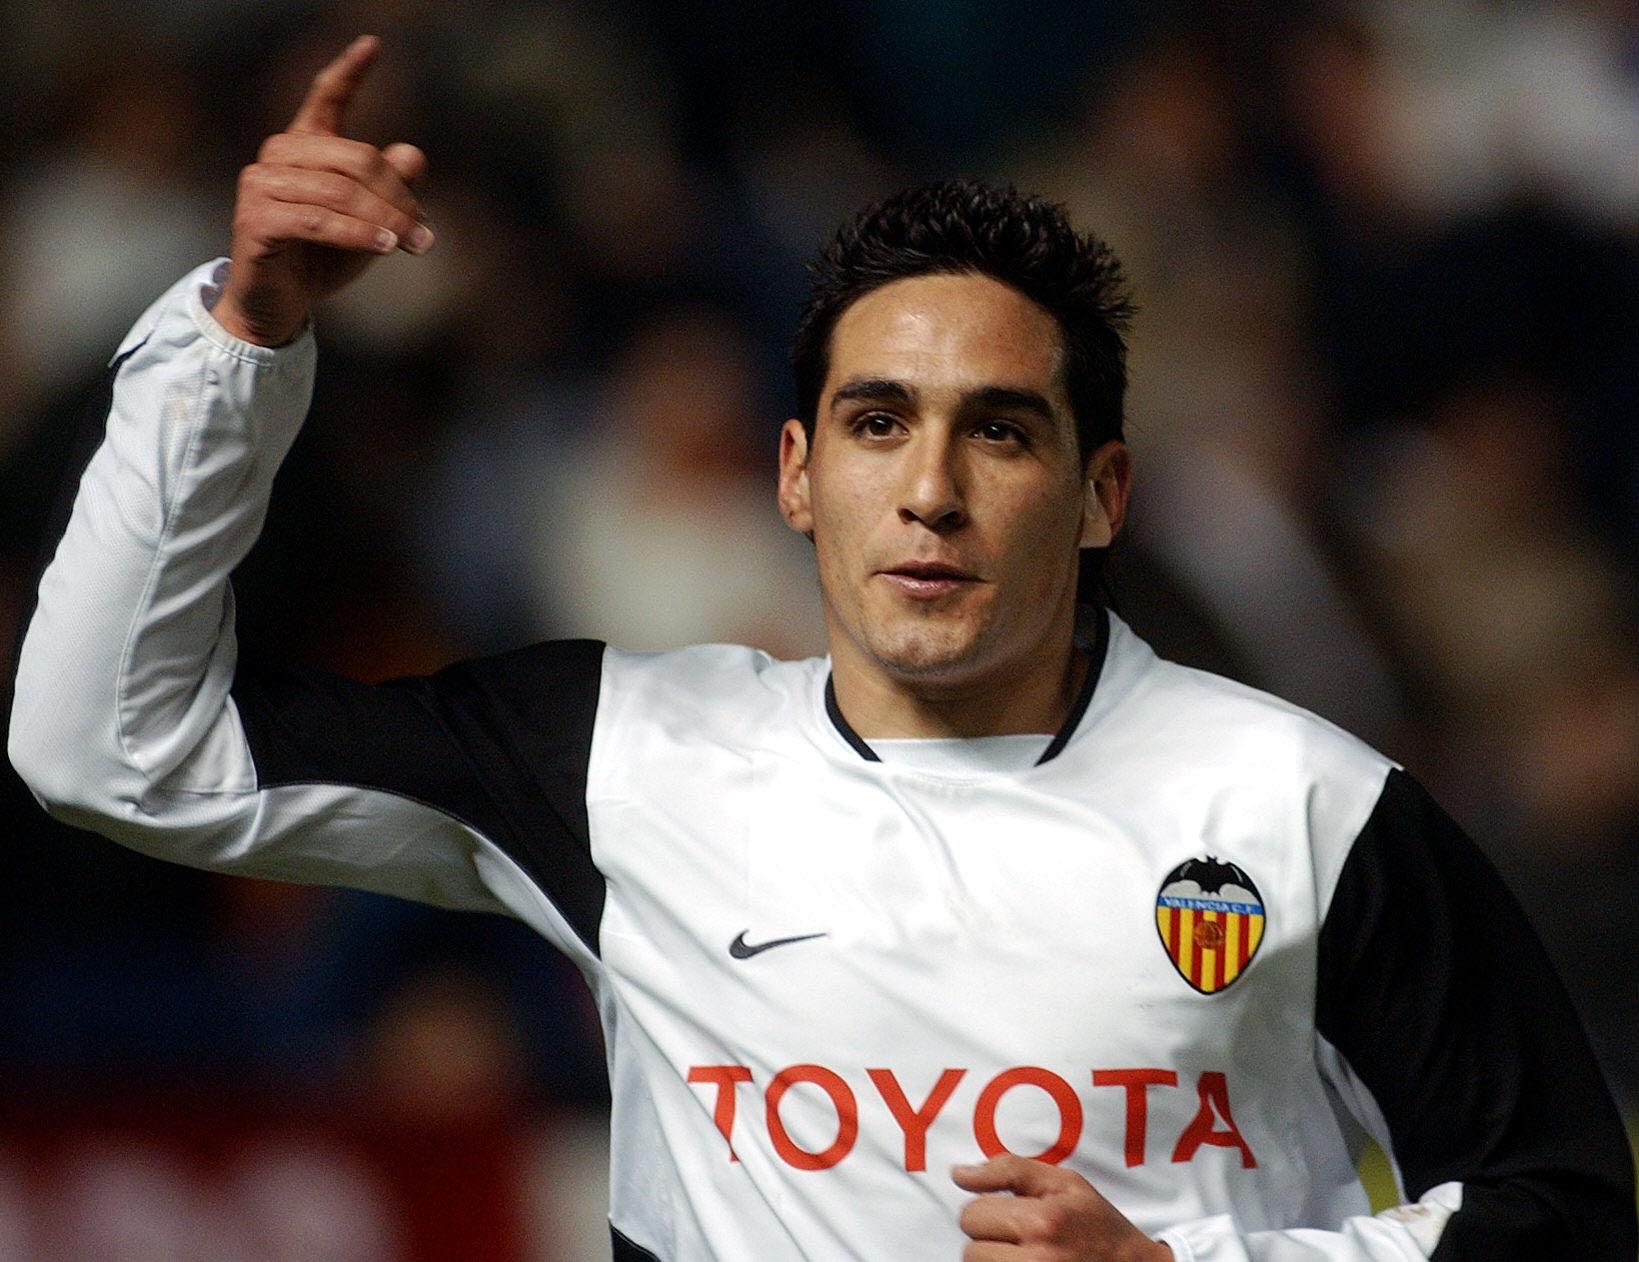 Vicente celebra un gol en un partido de Copa del Rey ante Osasuna en enero de 2004 (Archivo 20minutos).